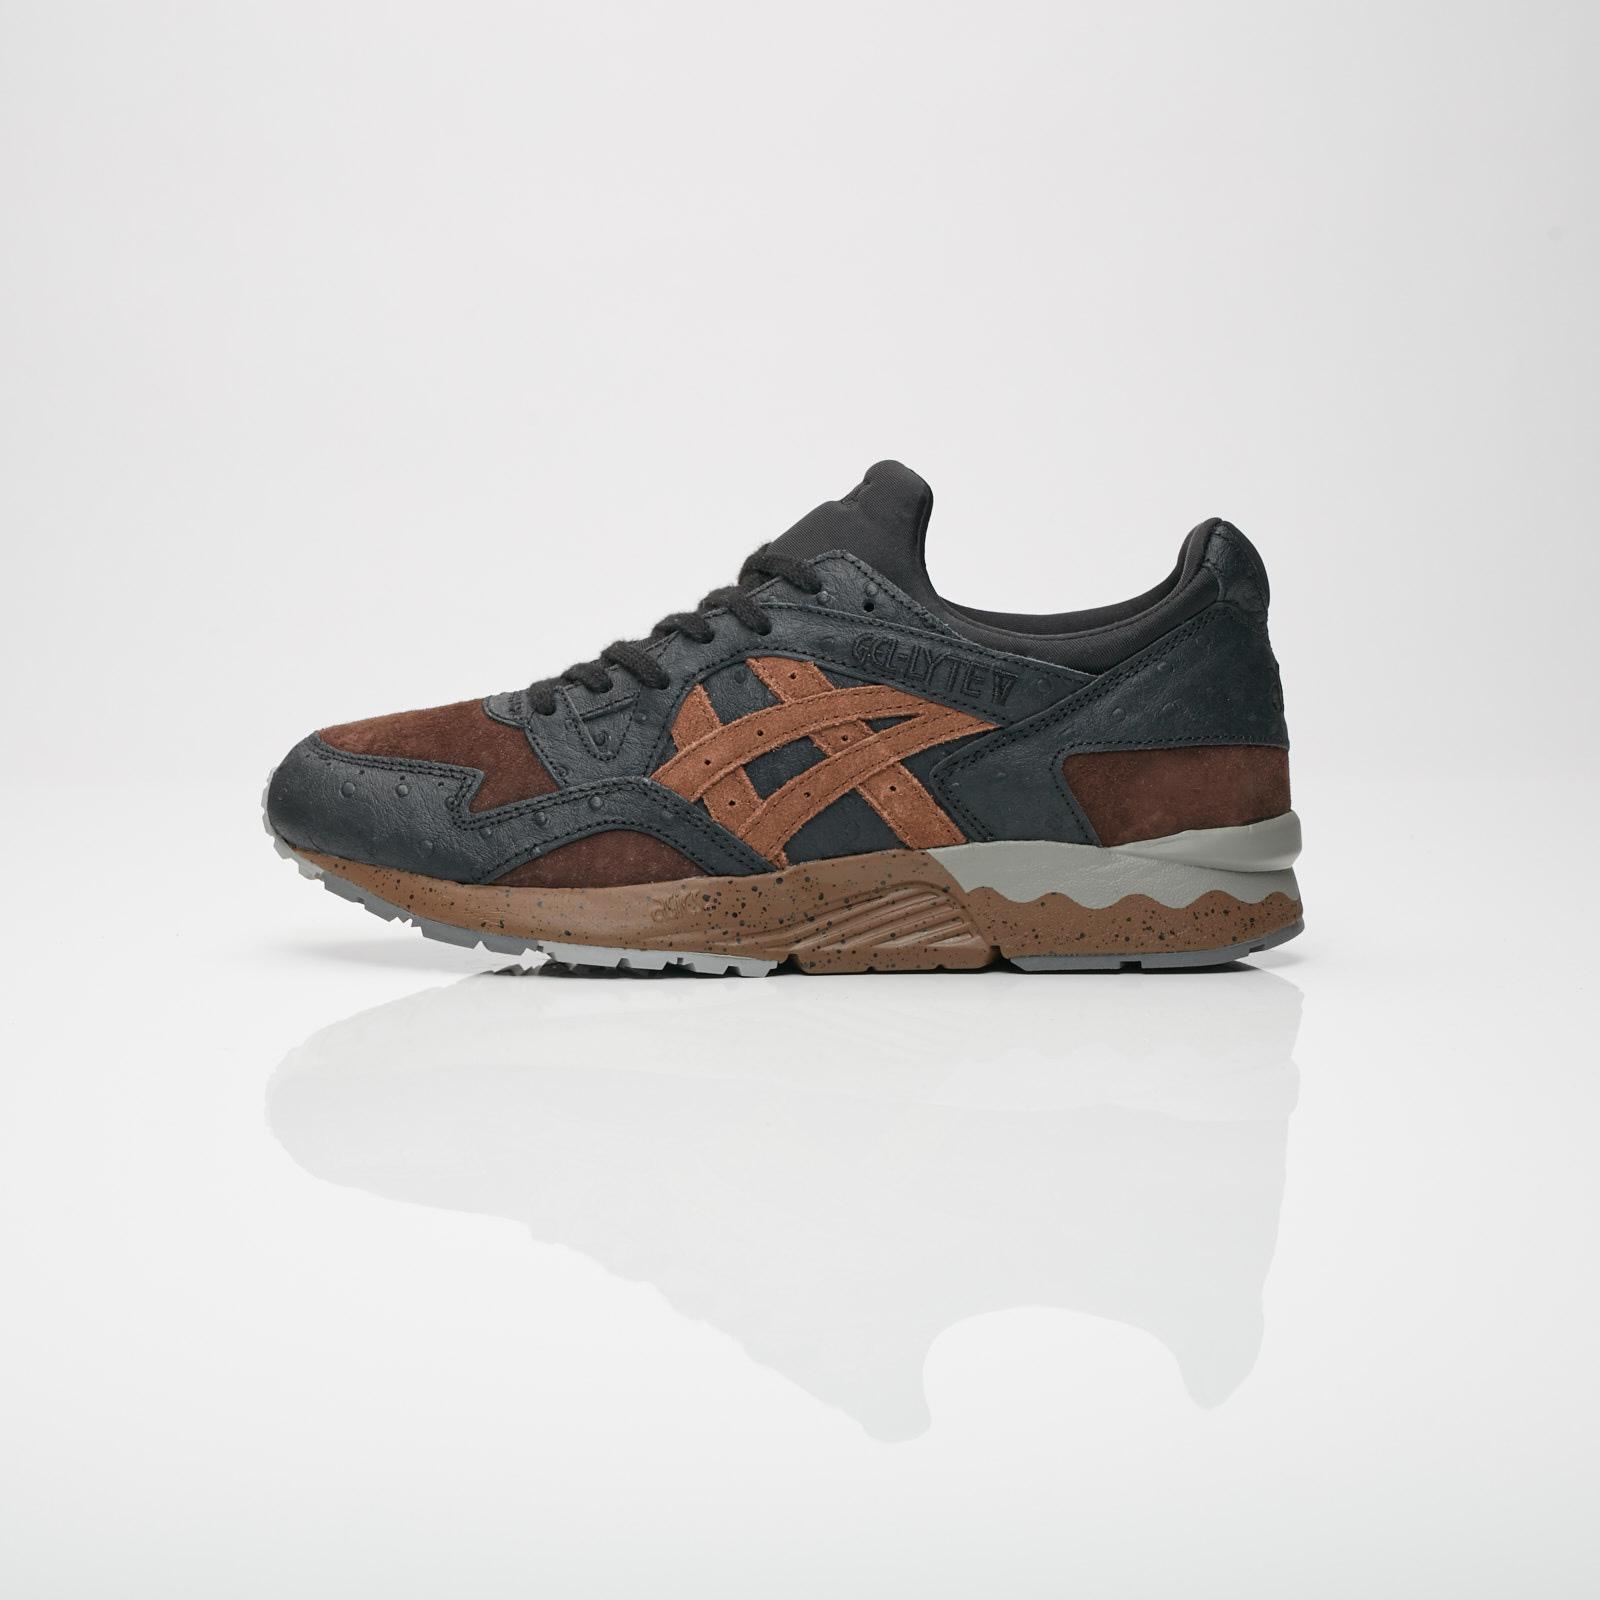 low priced 60944 fe233 ASICS Tiger Gel-Lyte V 2 - H6t2l-9061 - Sneakersnstuff ...